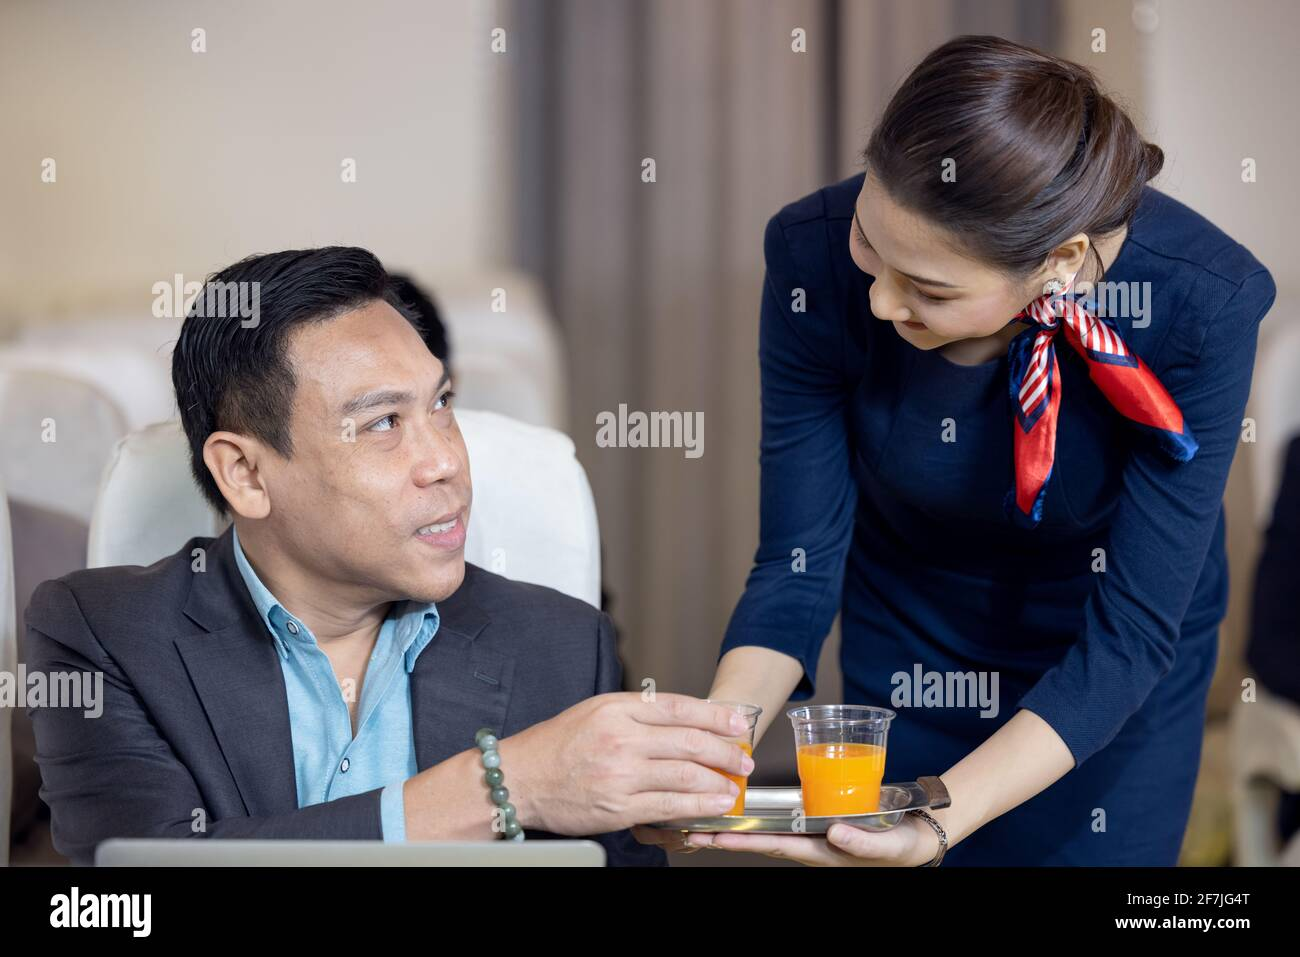 Los pasajeros tienen jugo de naranja servido por una azafata aérea en avión, los asistentes de vuelo sirven a bordo Foto de stock